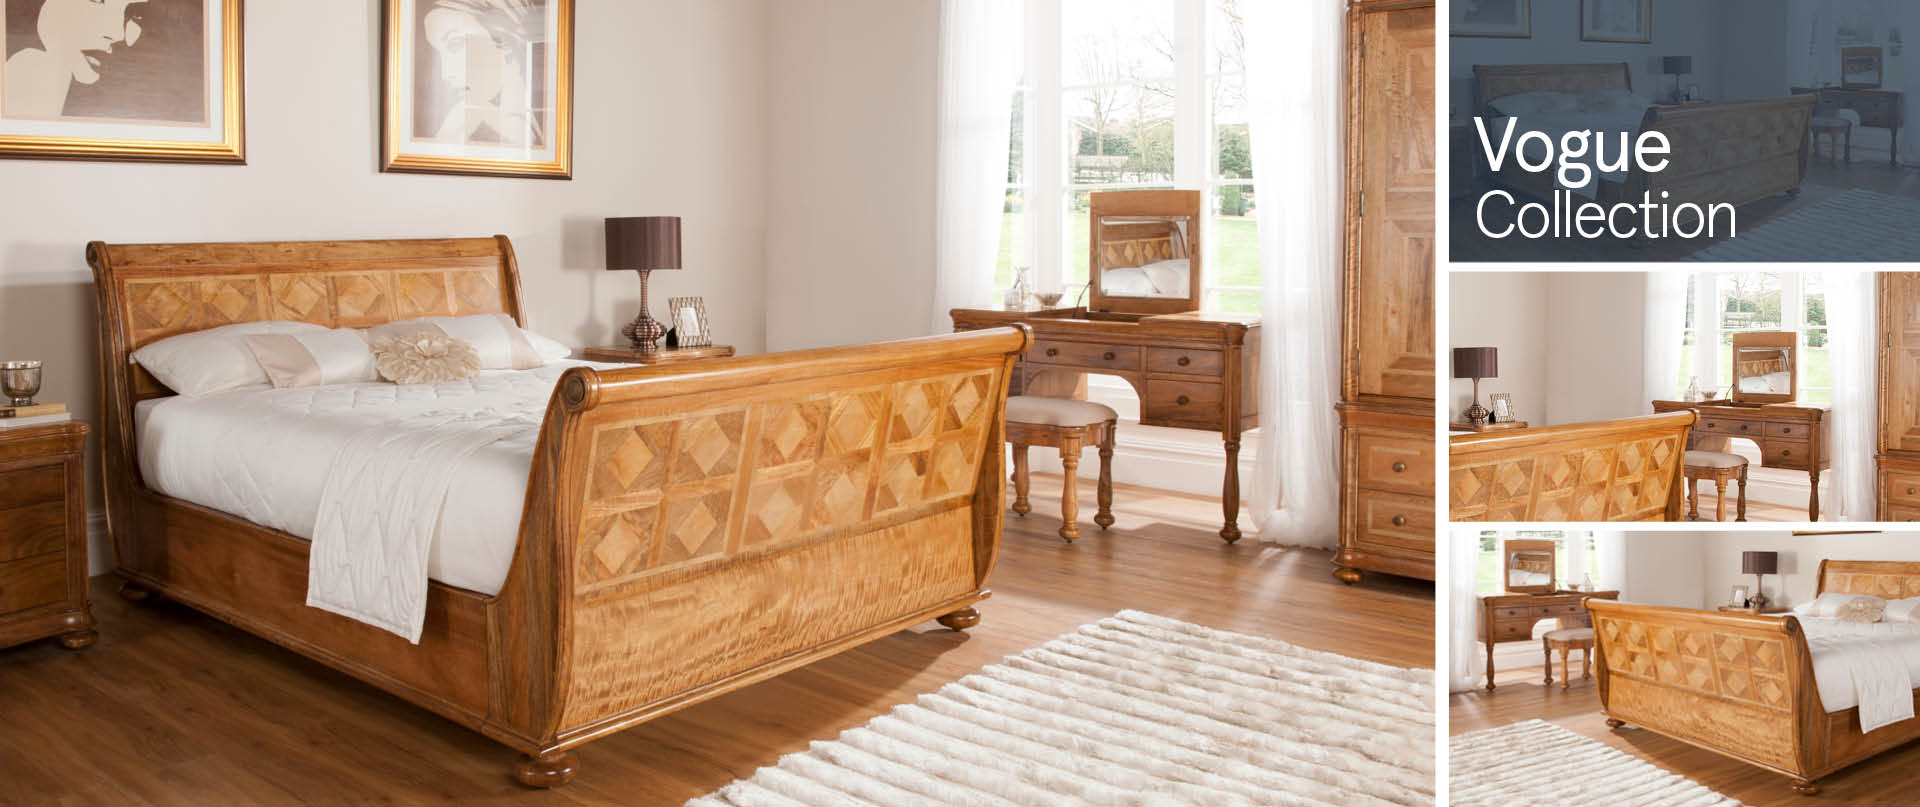 Vogue Bedroom Furniture Ranges